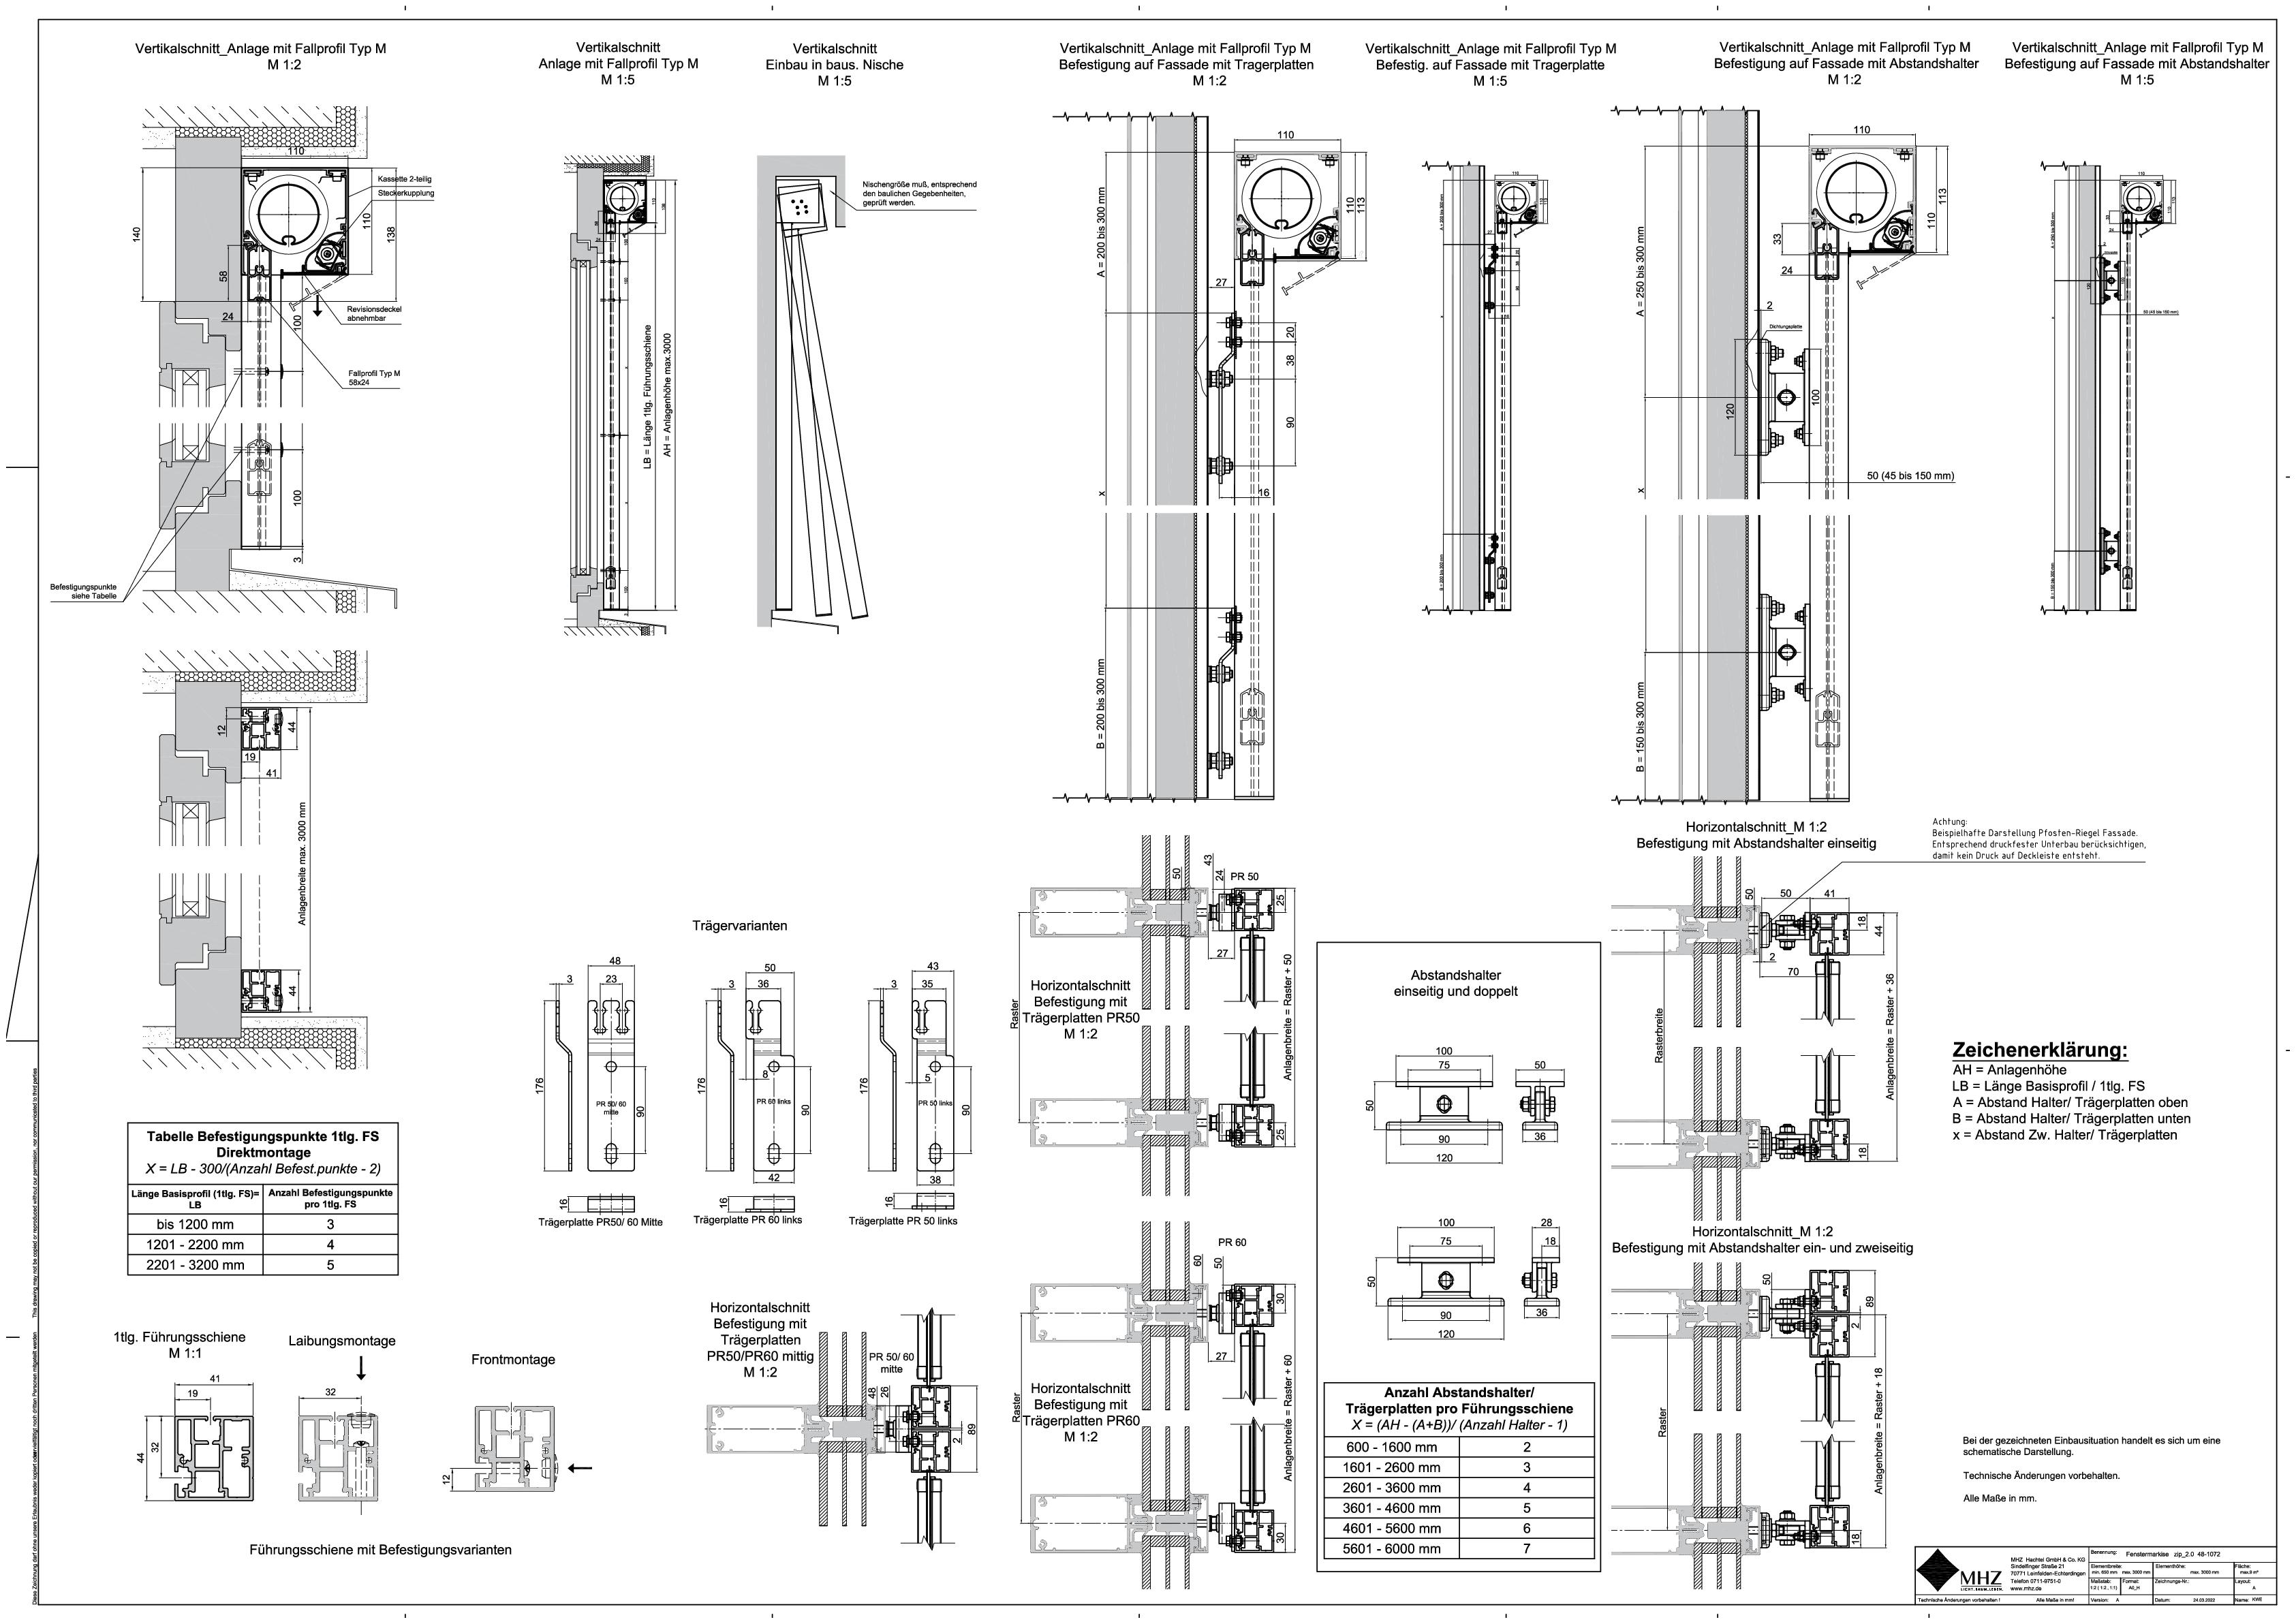 Technische Zeichnung dwg Fenstermarkisen zip_2.0 48-1072